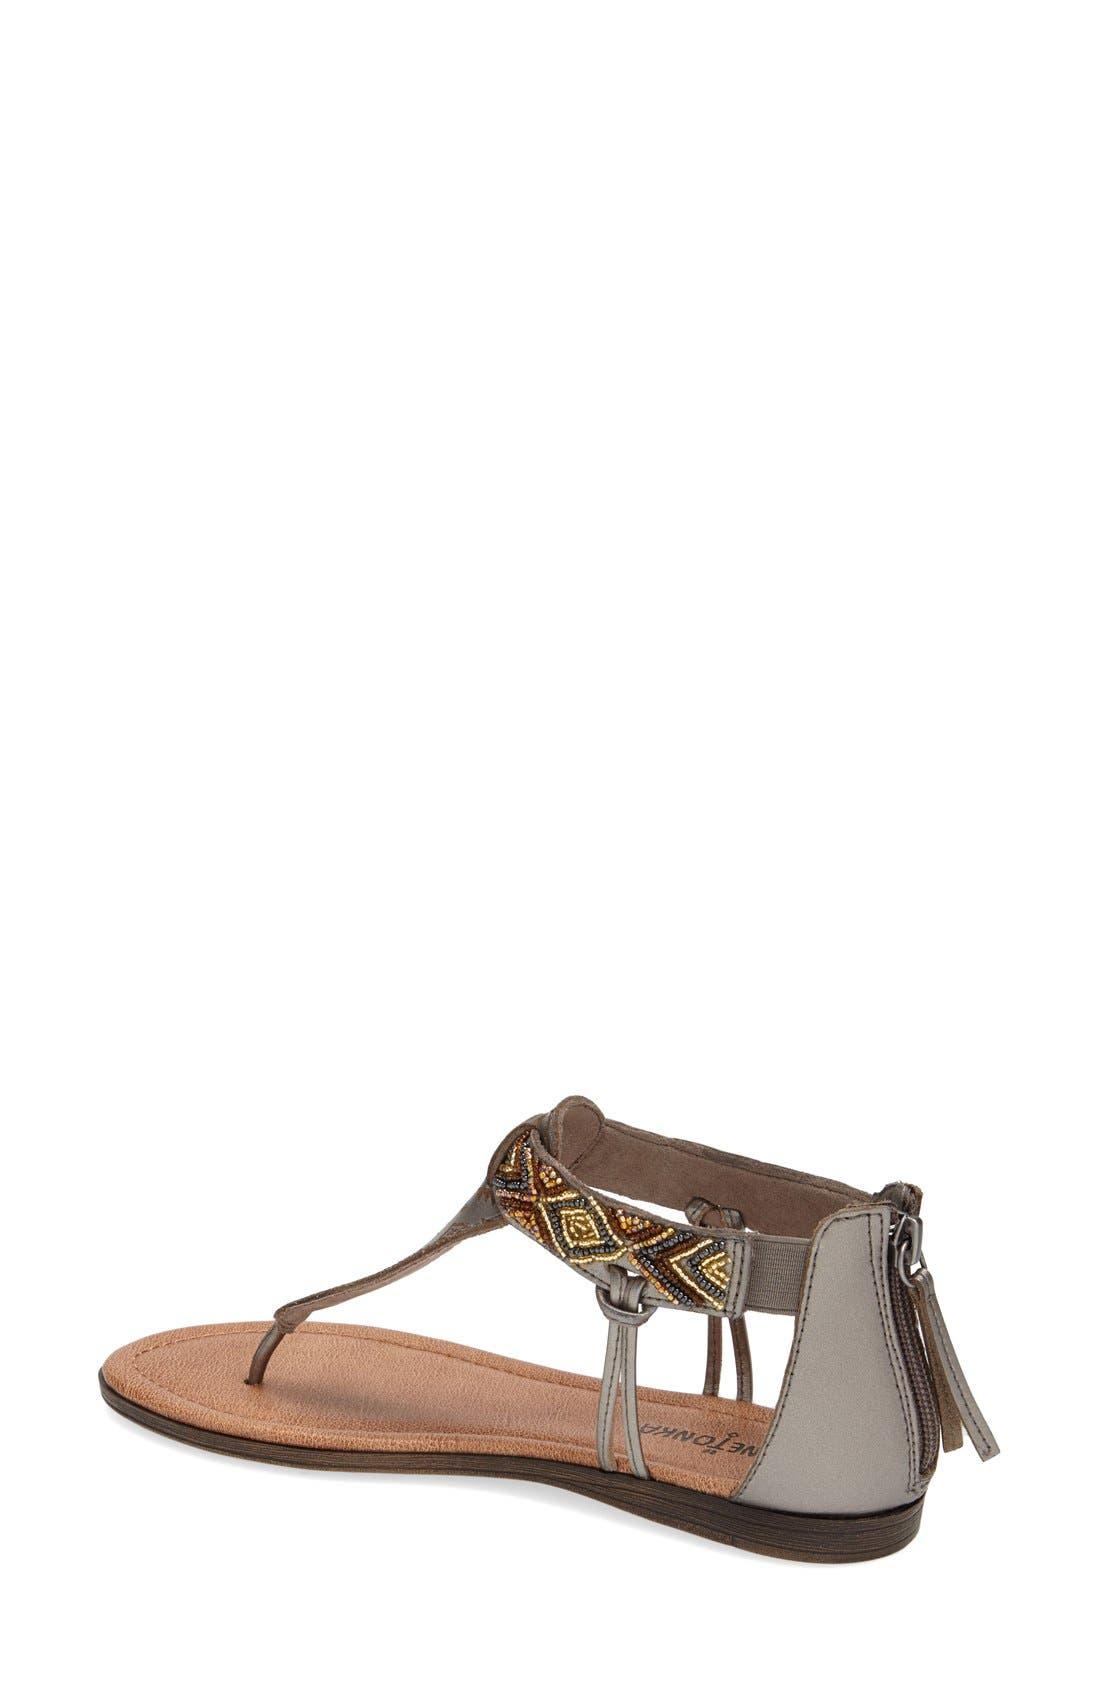 Alternate Image 2  - Minnetonka 'Antigua' Beaded Thong Sandal (Women)